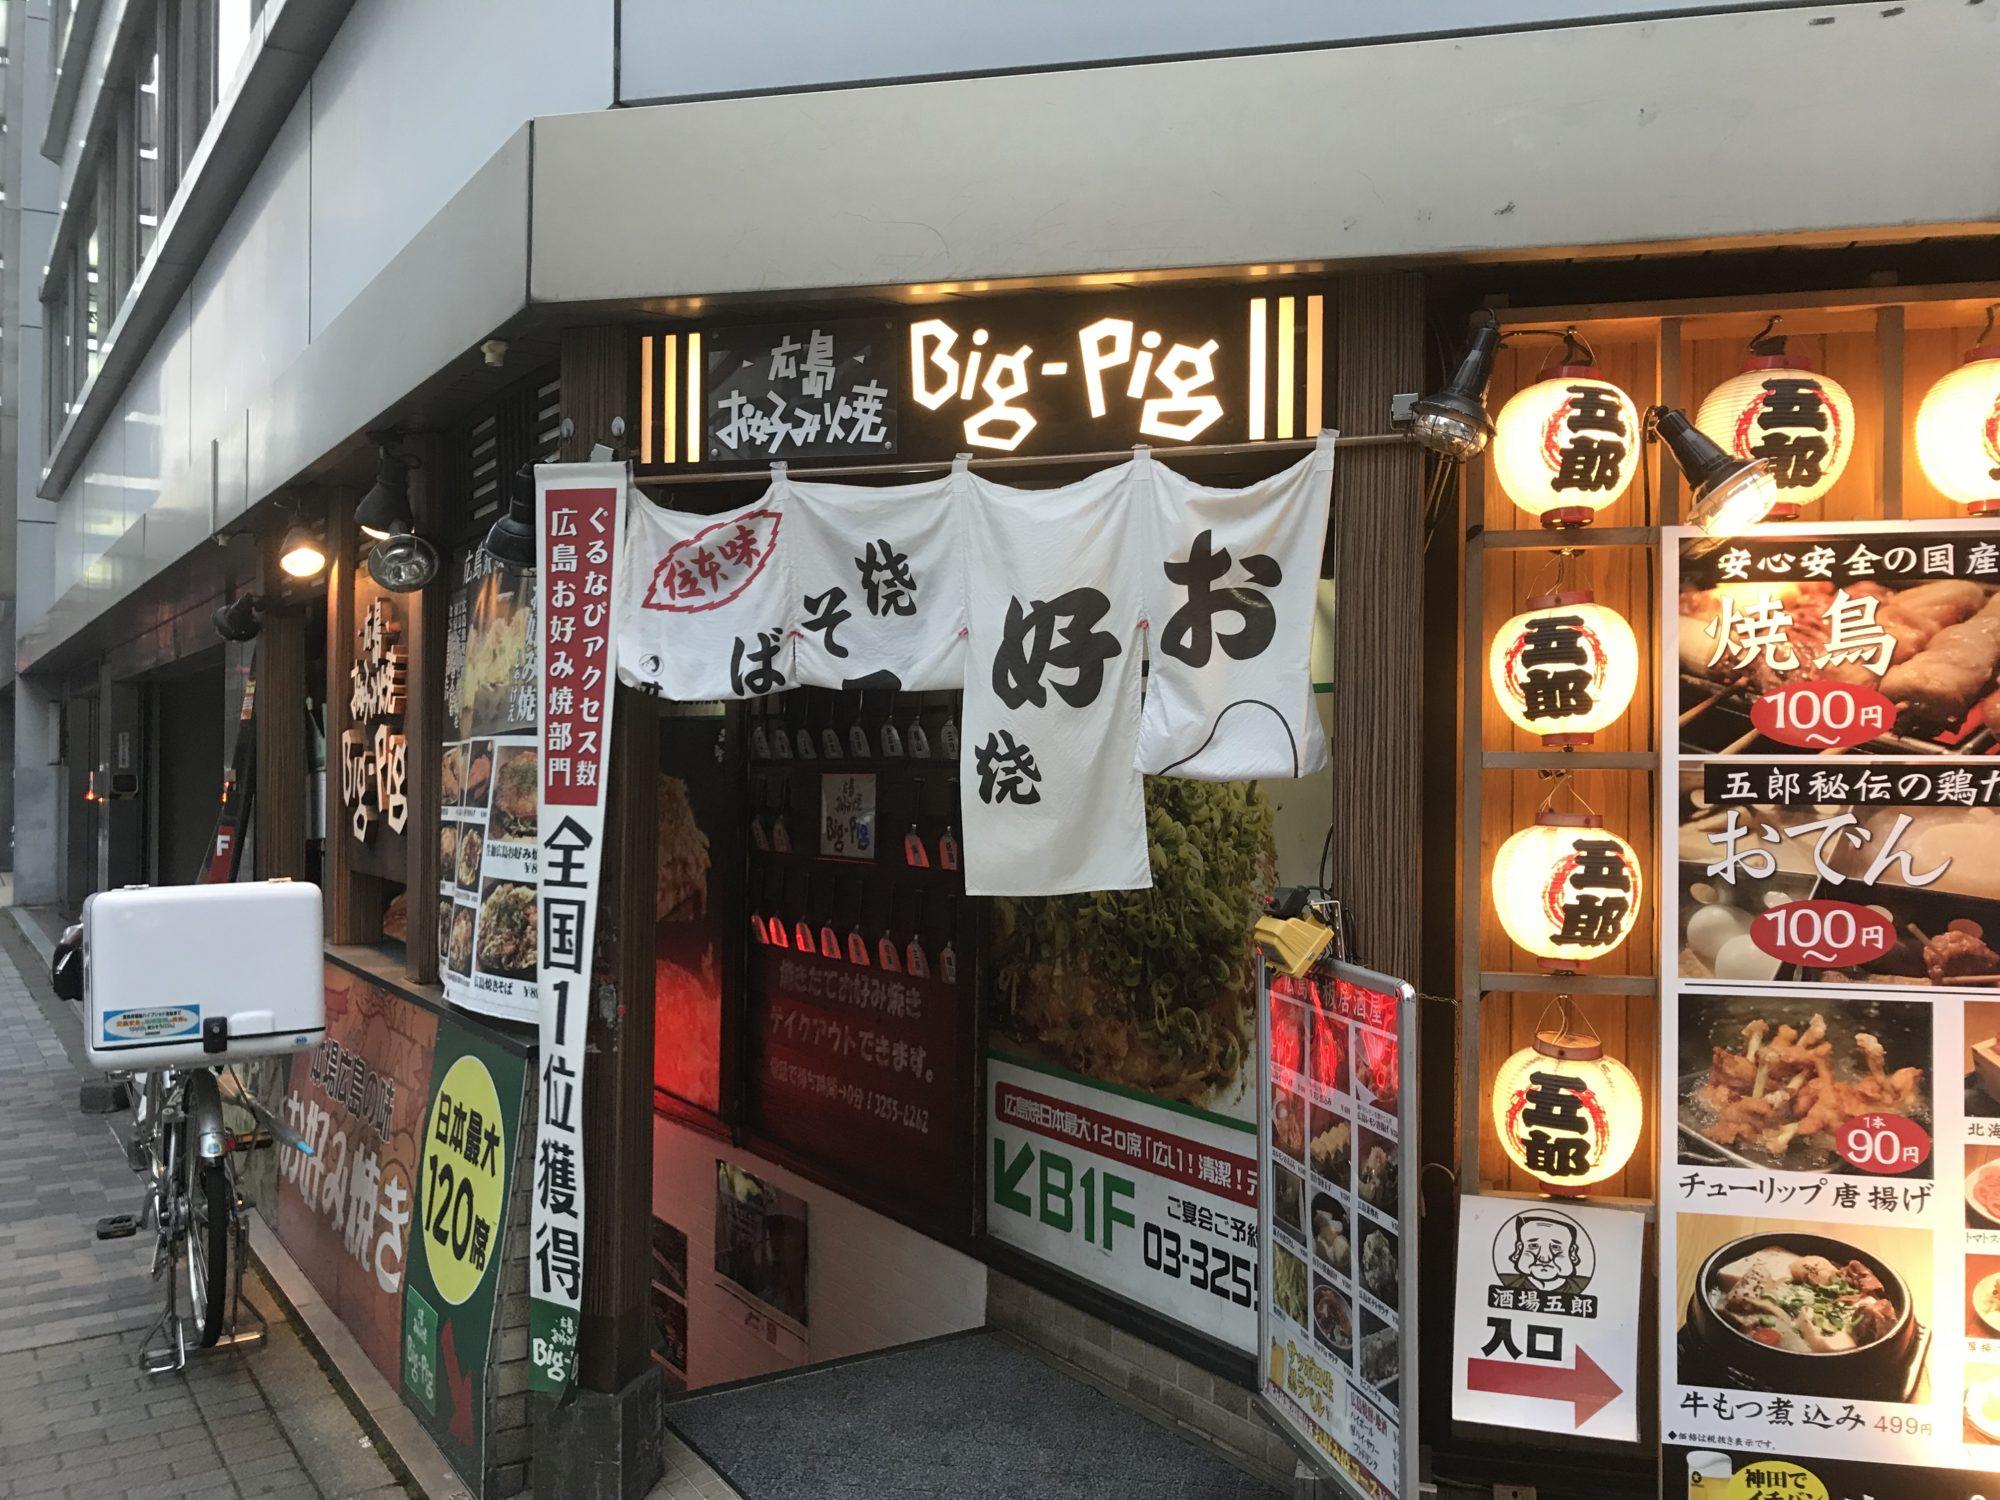 Big-Pig 神田カープ本店入口